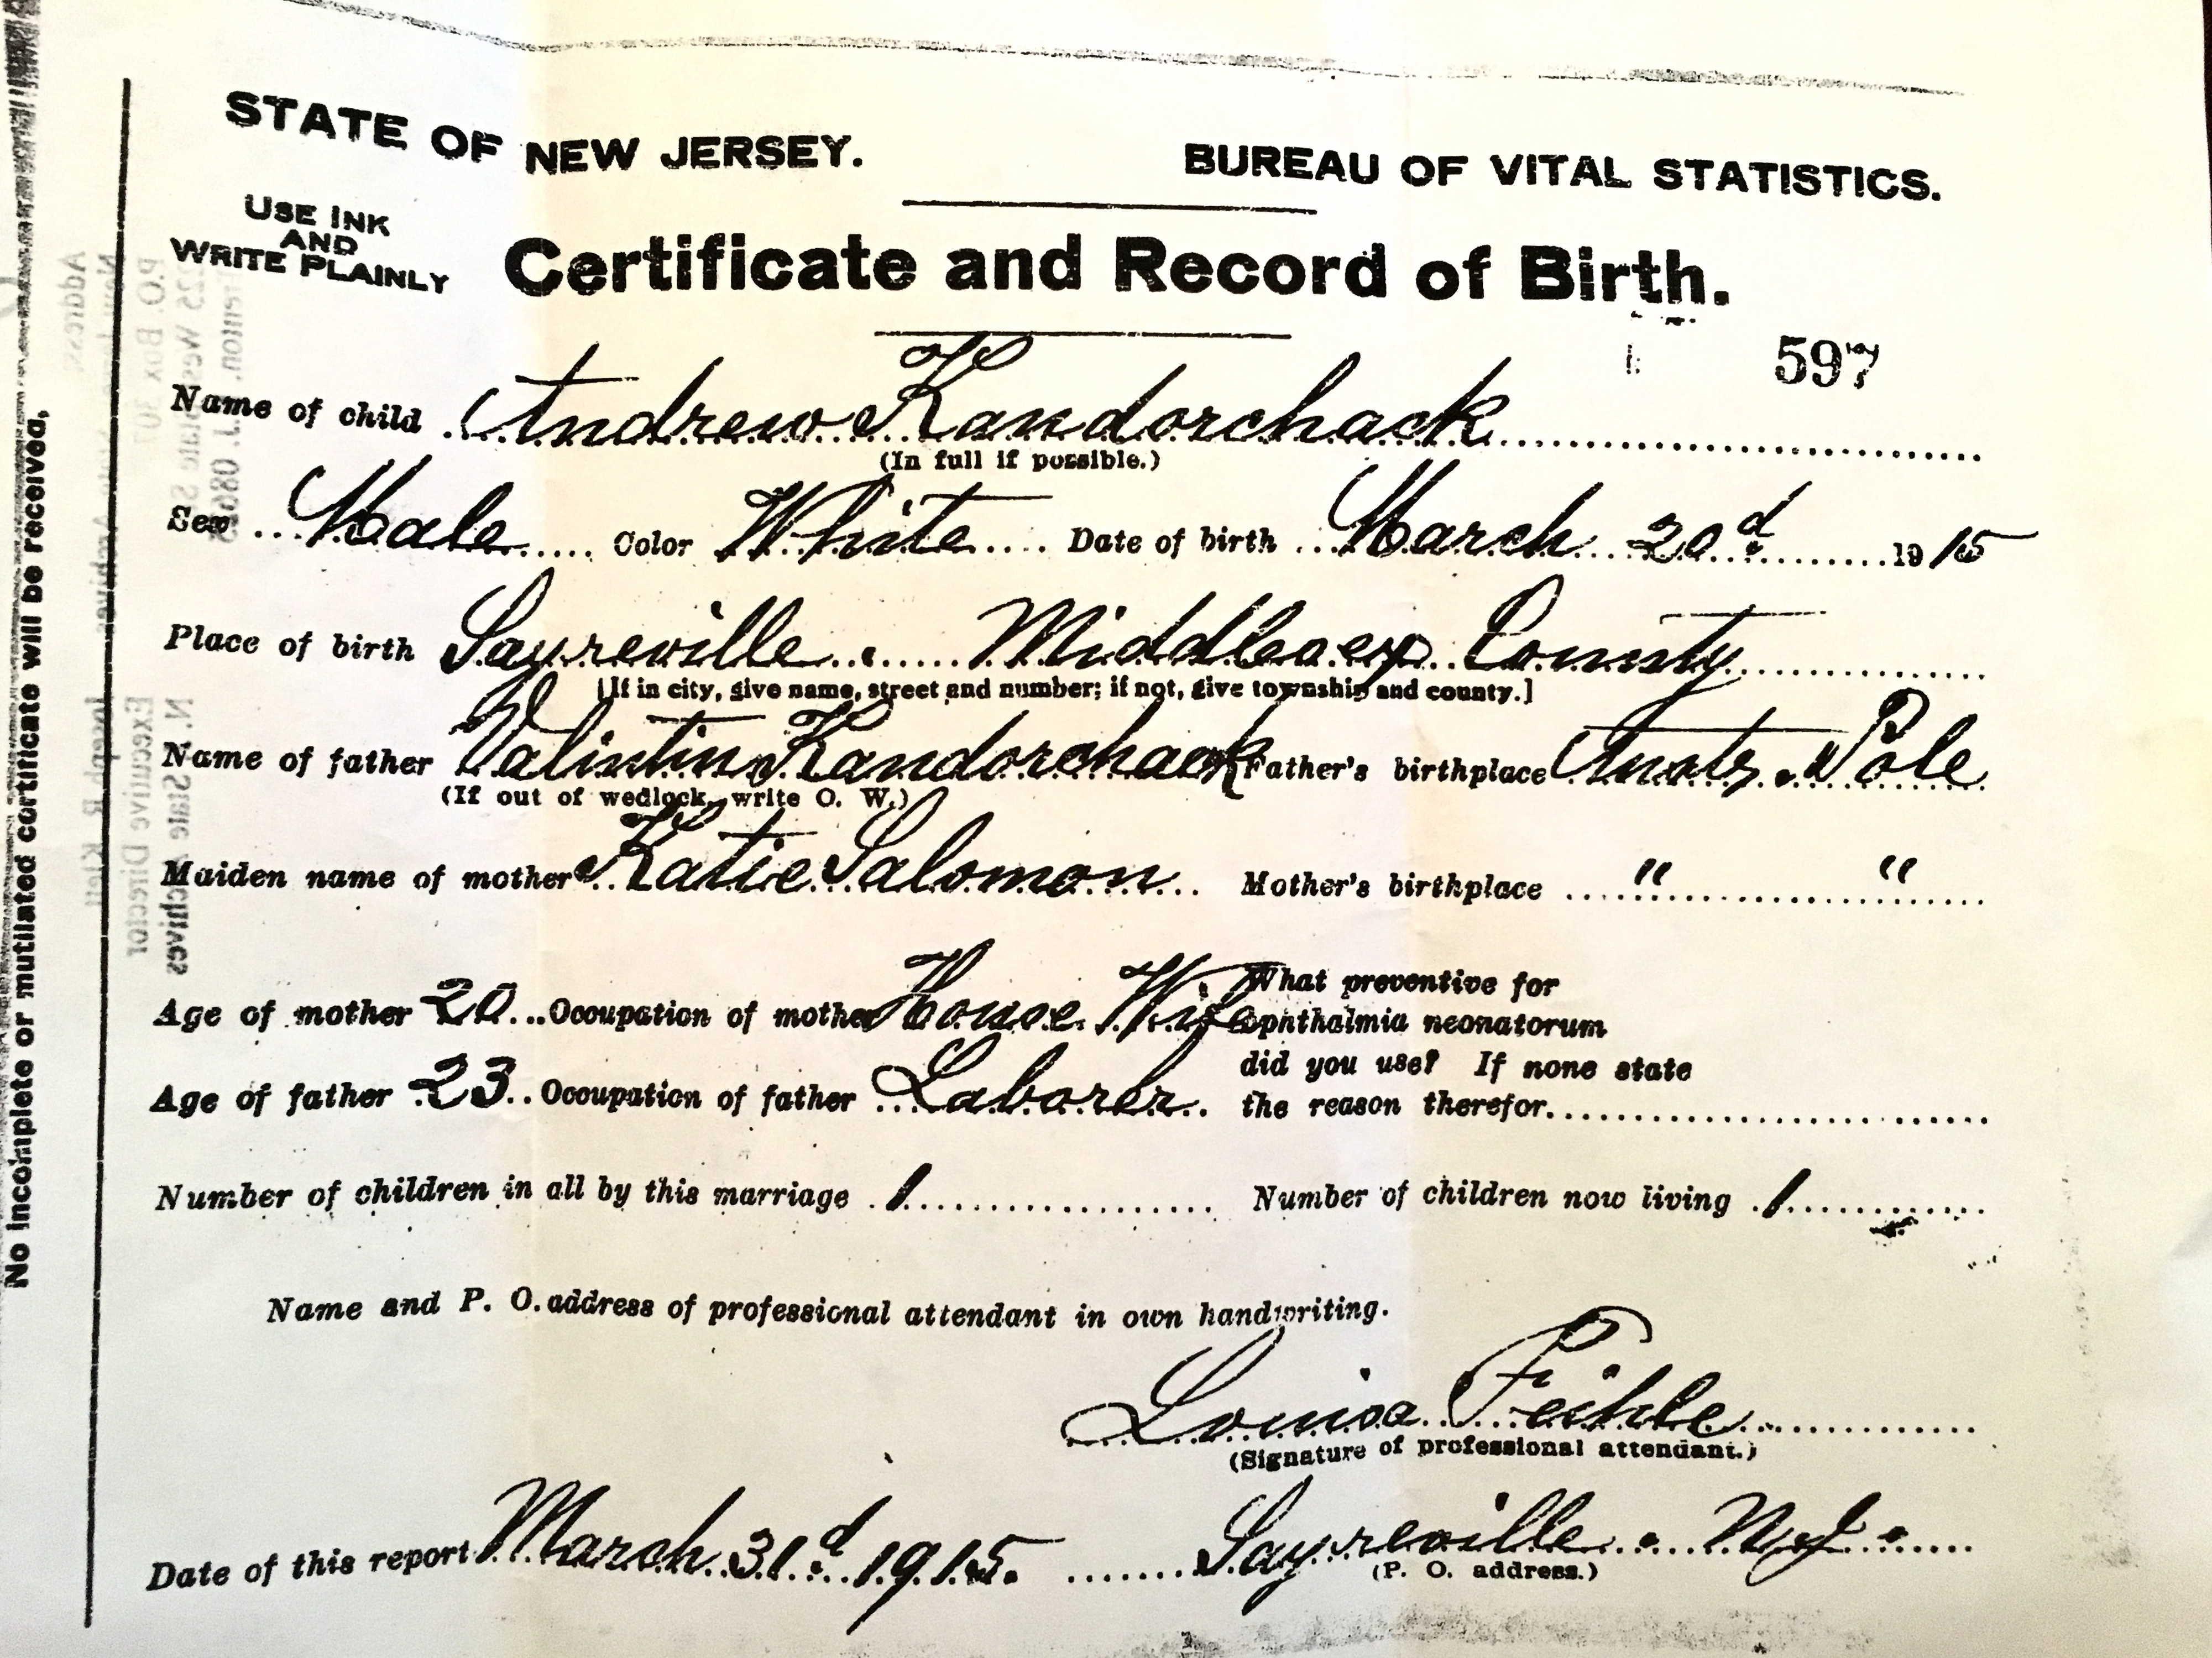 1915-03-20 Birth Certificate - Bernard Contorchick